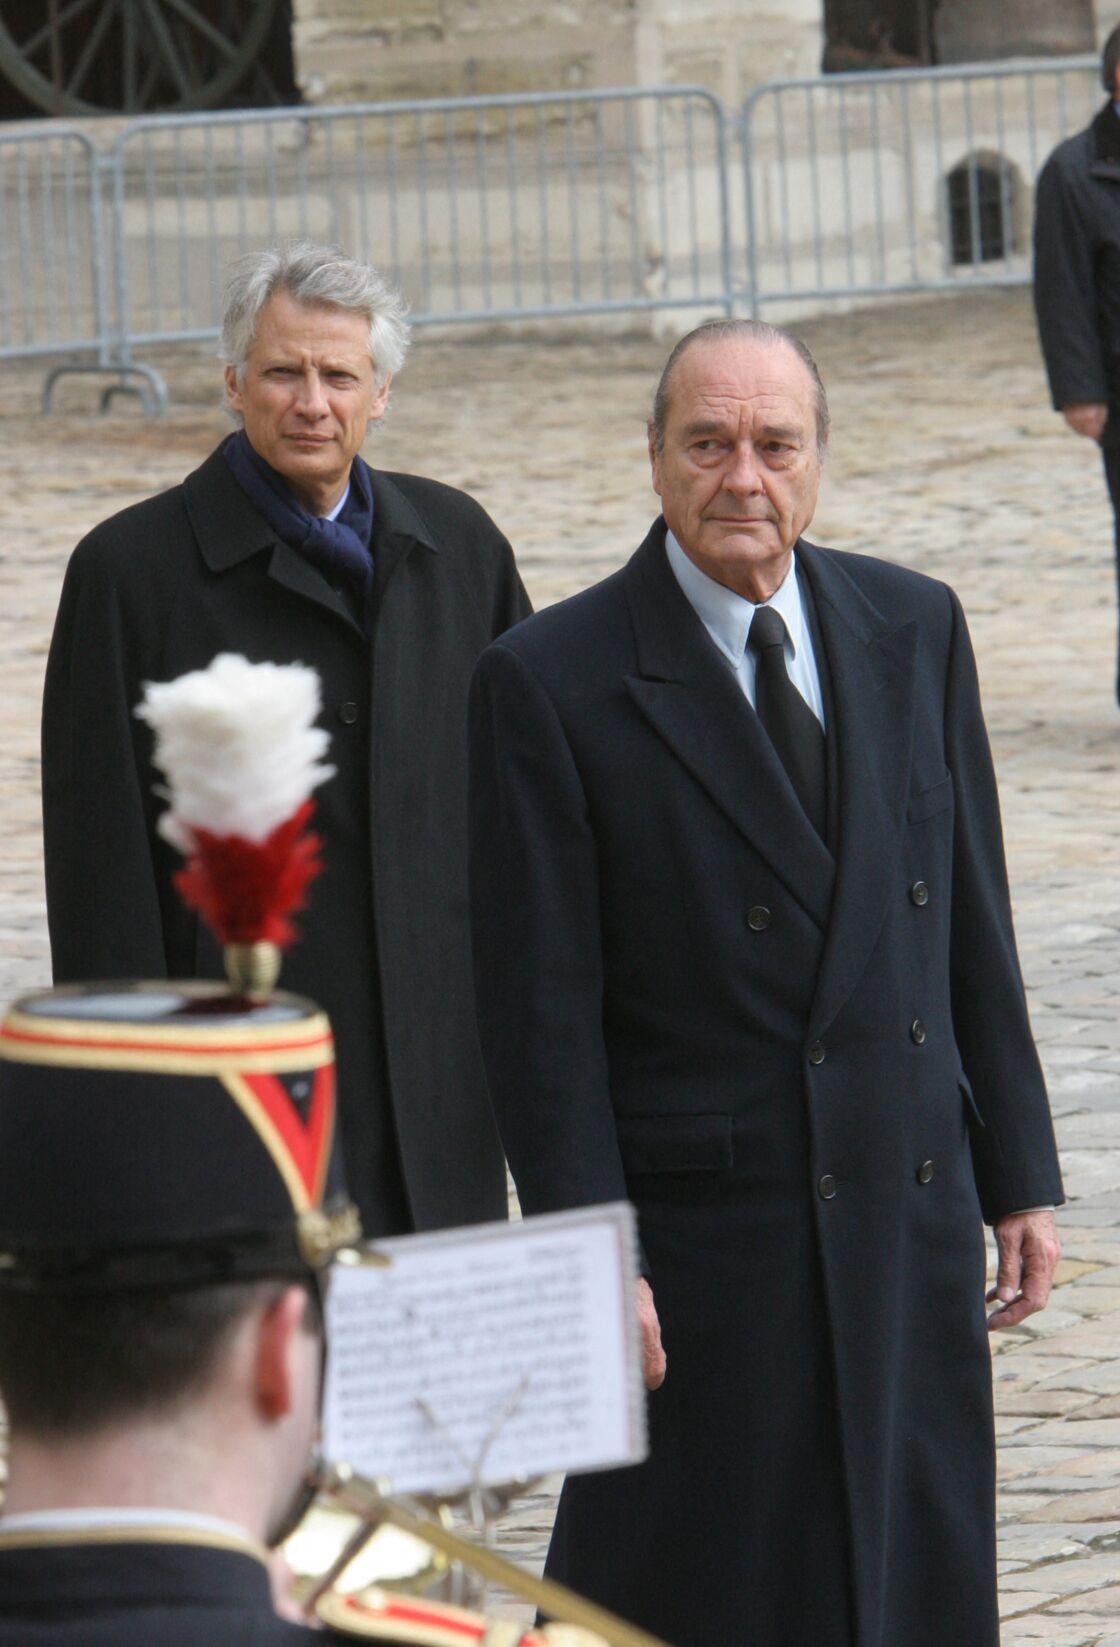 Dominique de Villepin et Jacques Chirac lors de la cérémonie solennelle en hommage à Lucie Aubrac, le 21 mars 2007